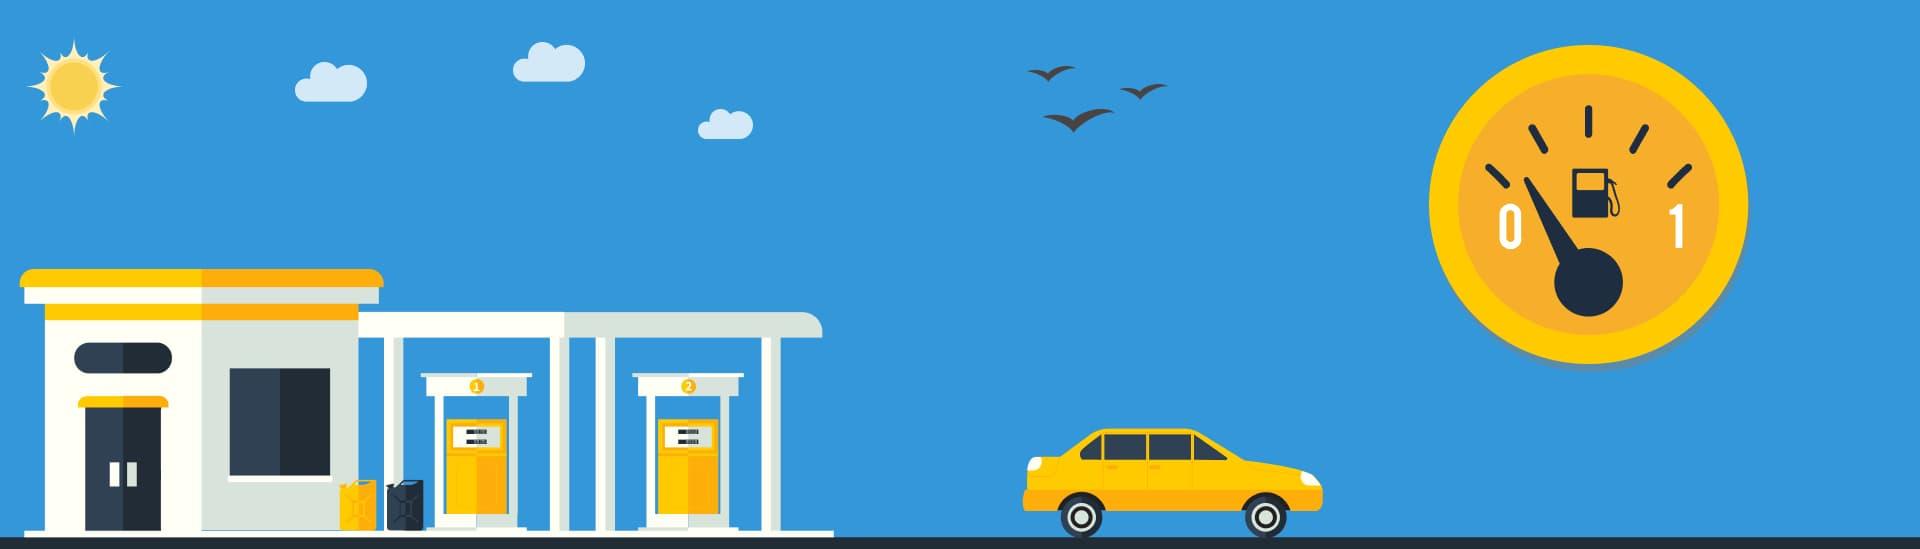 контроль топлива в автопарке